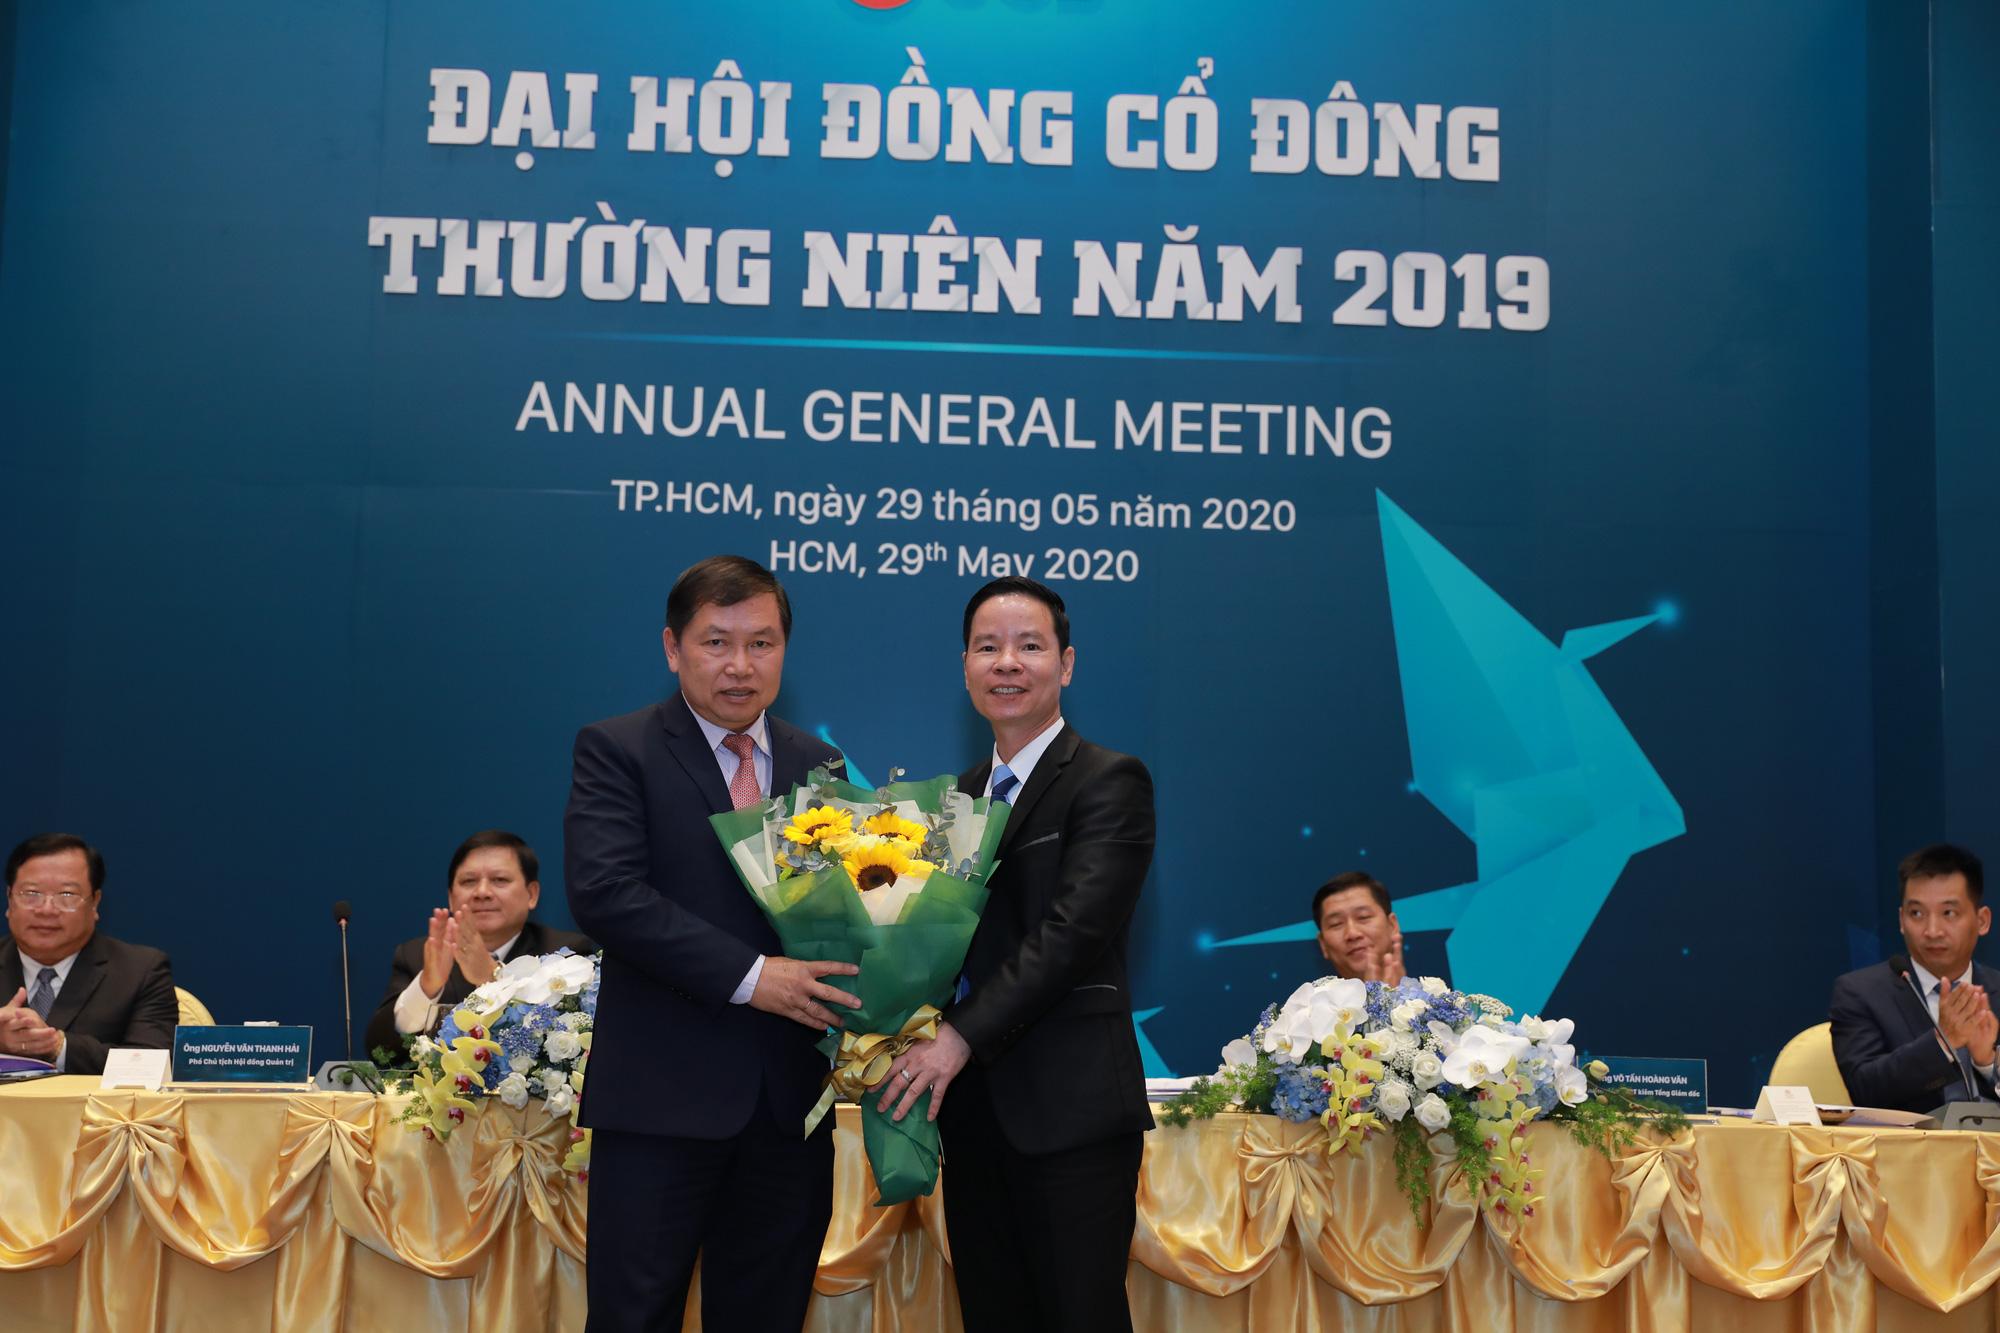 SCB tổ chức thành công Đại hội đồng cổ đông thường niên năm 2019 - Ảnh 3.